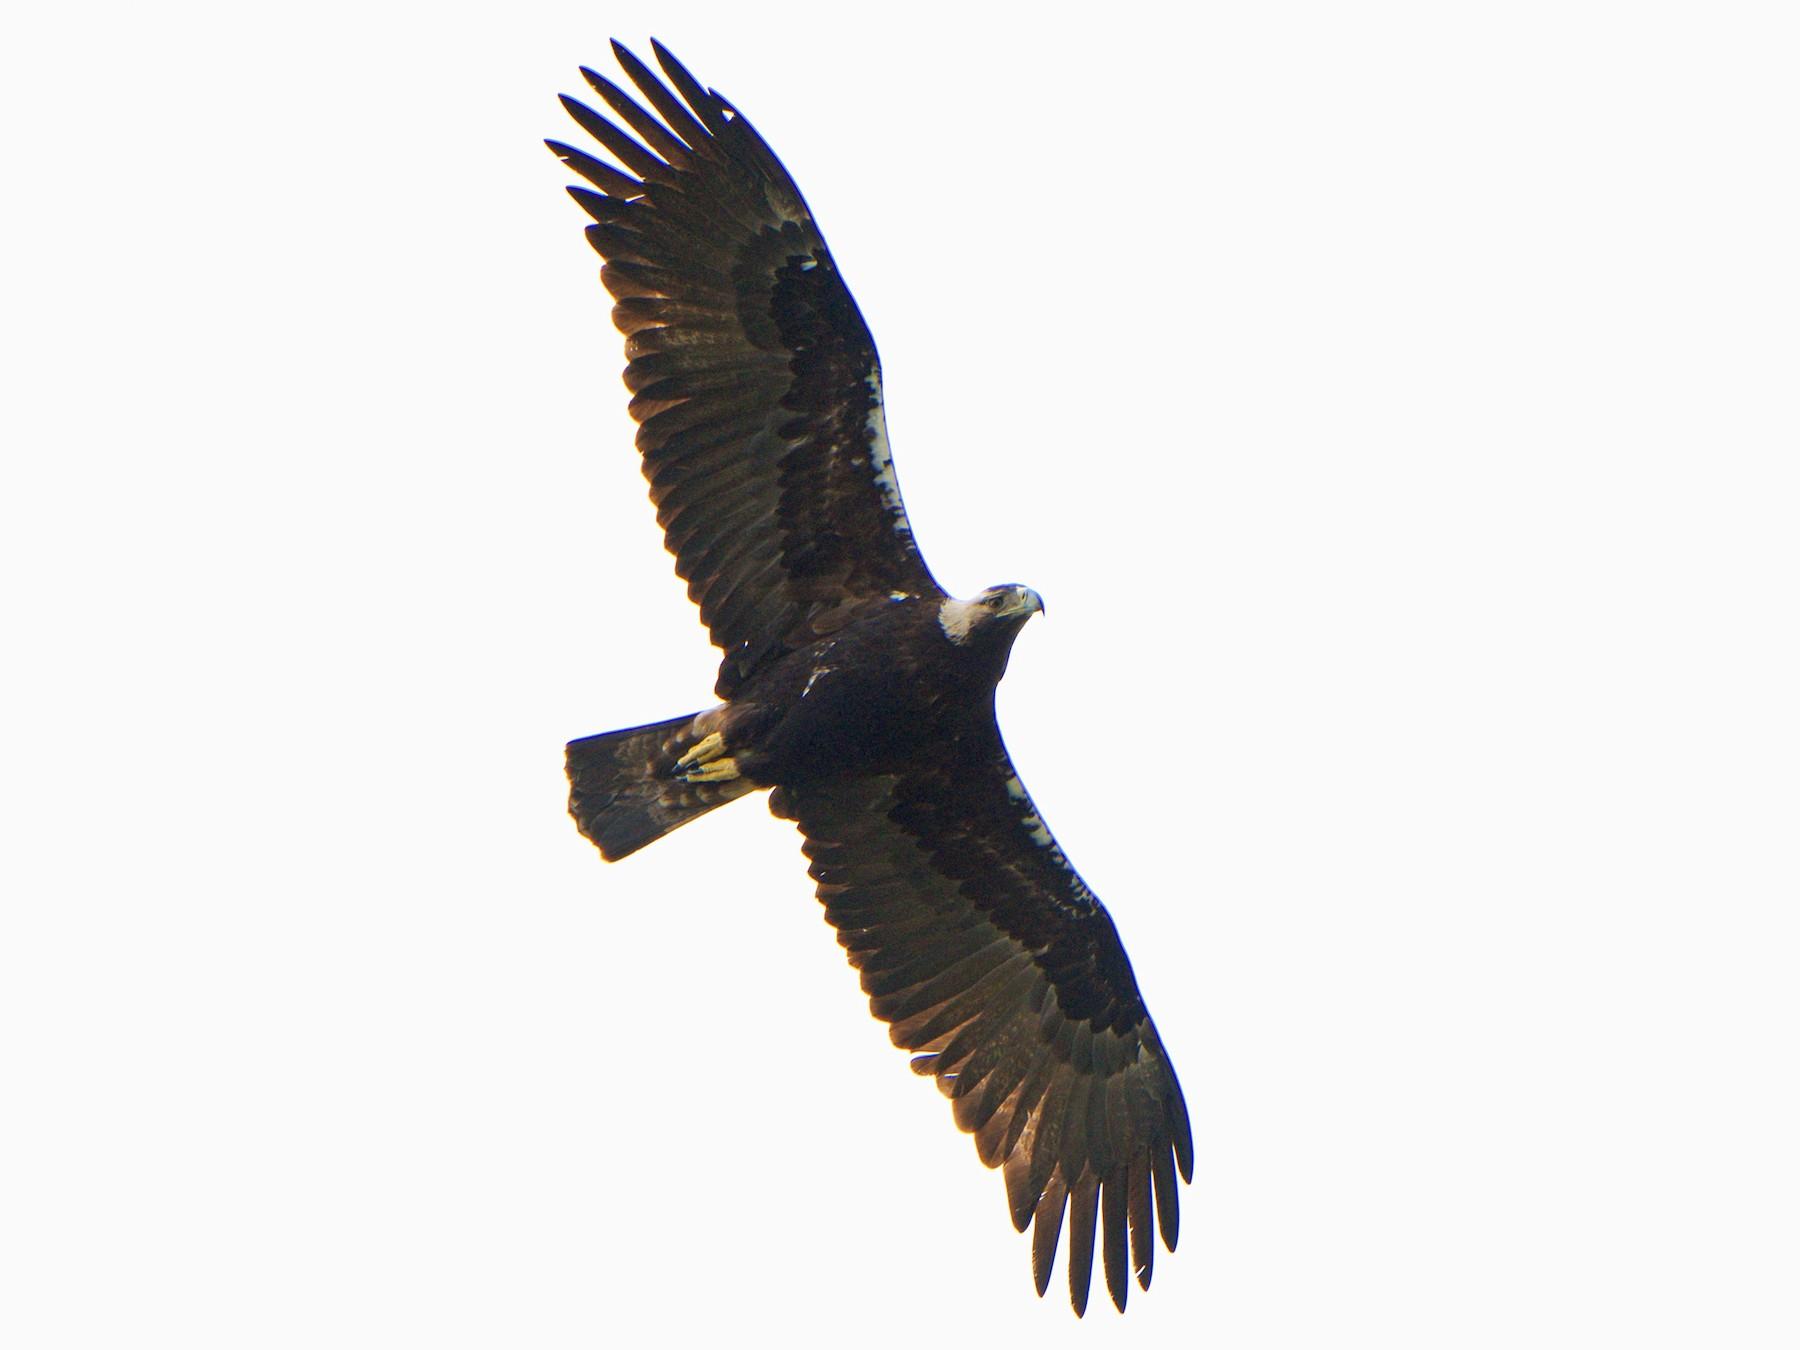 Spanish Eagle - John C. Mittermeier